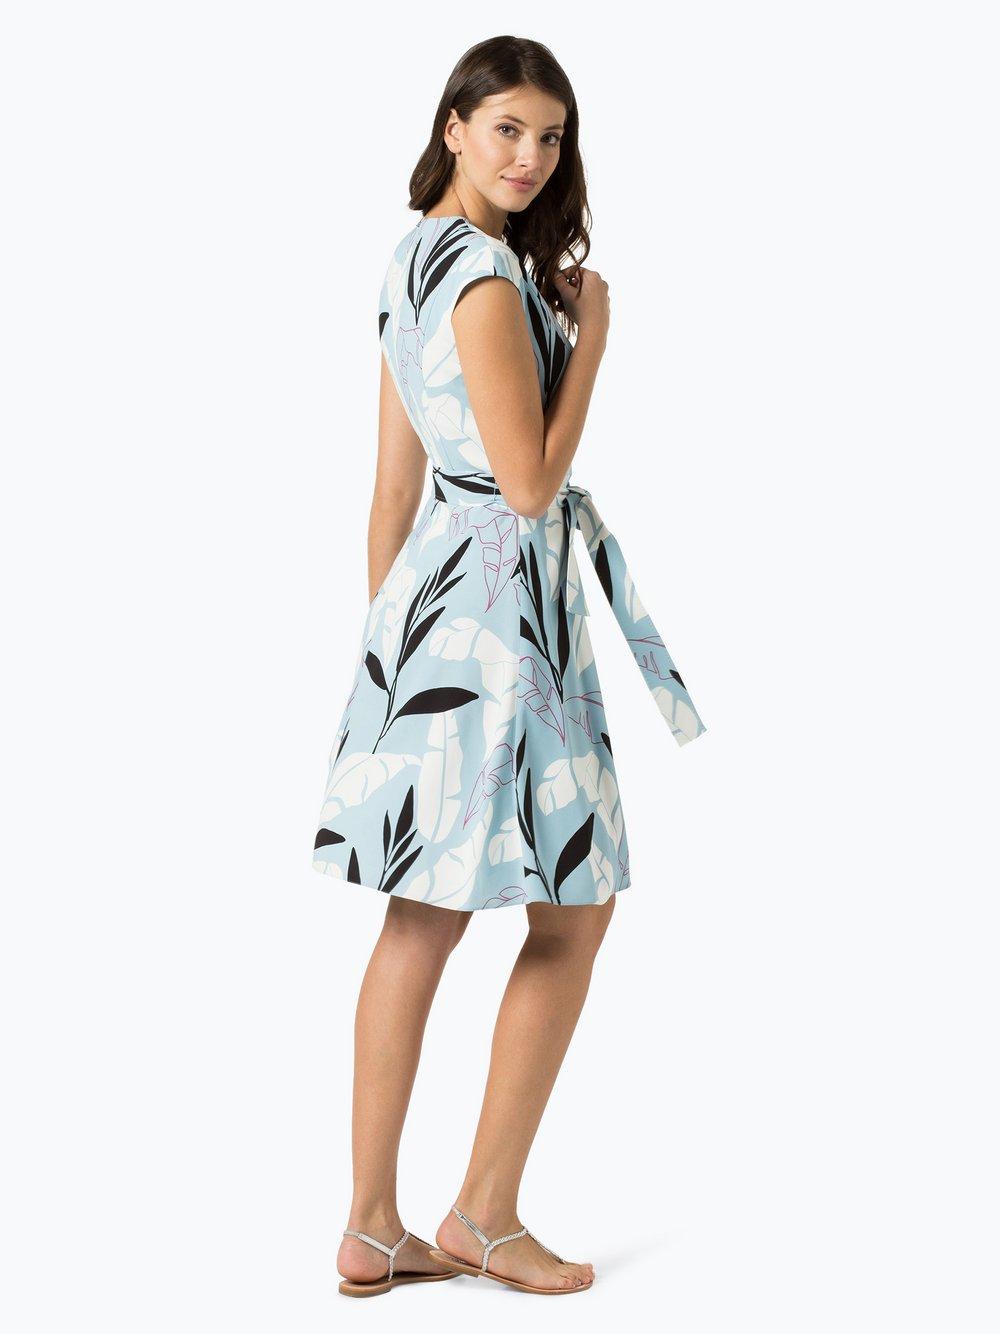 BOSS Damen Kleid - Doliana hellblau gemustert online kaufen | PEEK ...